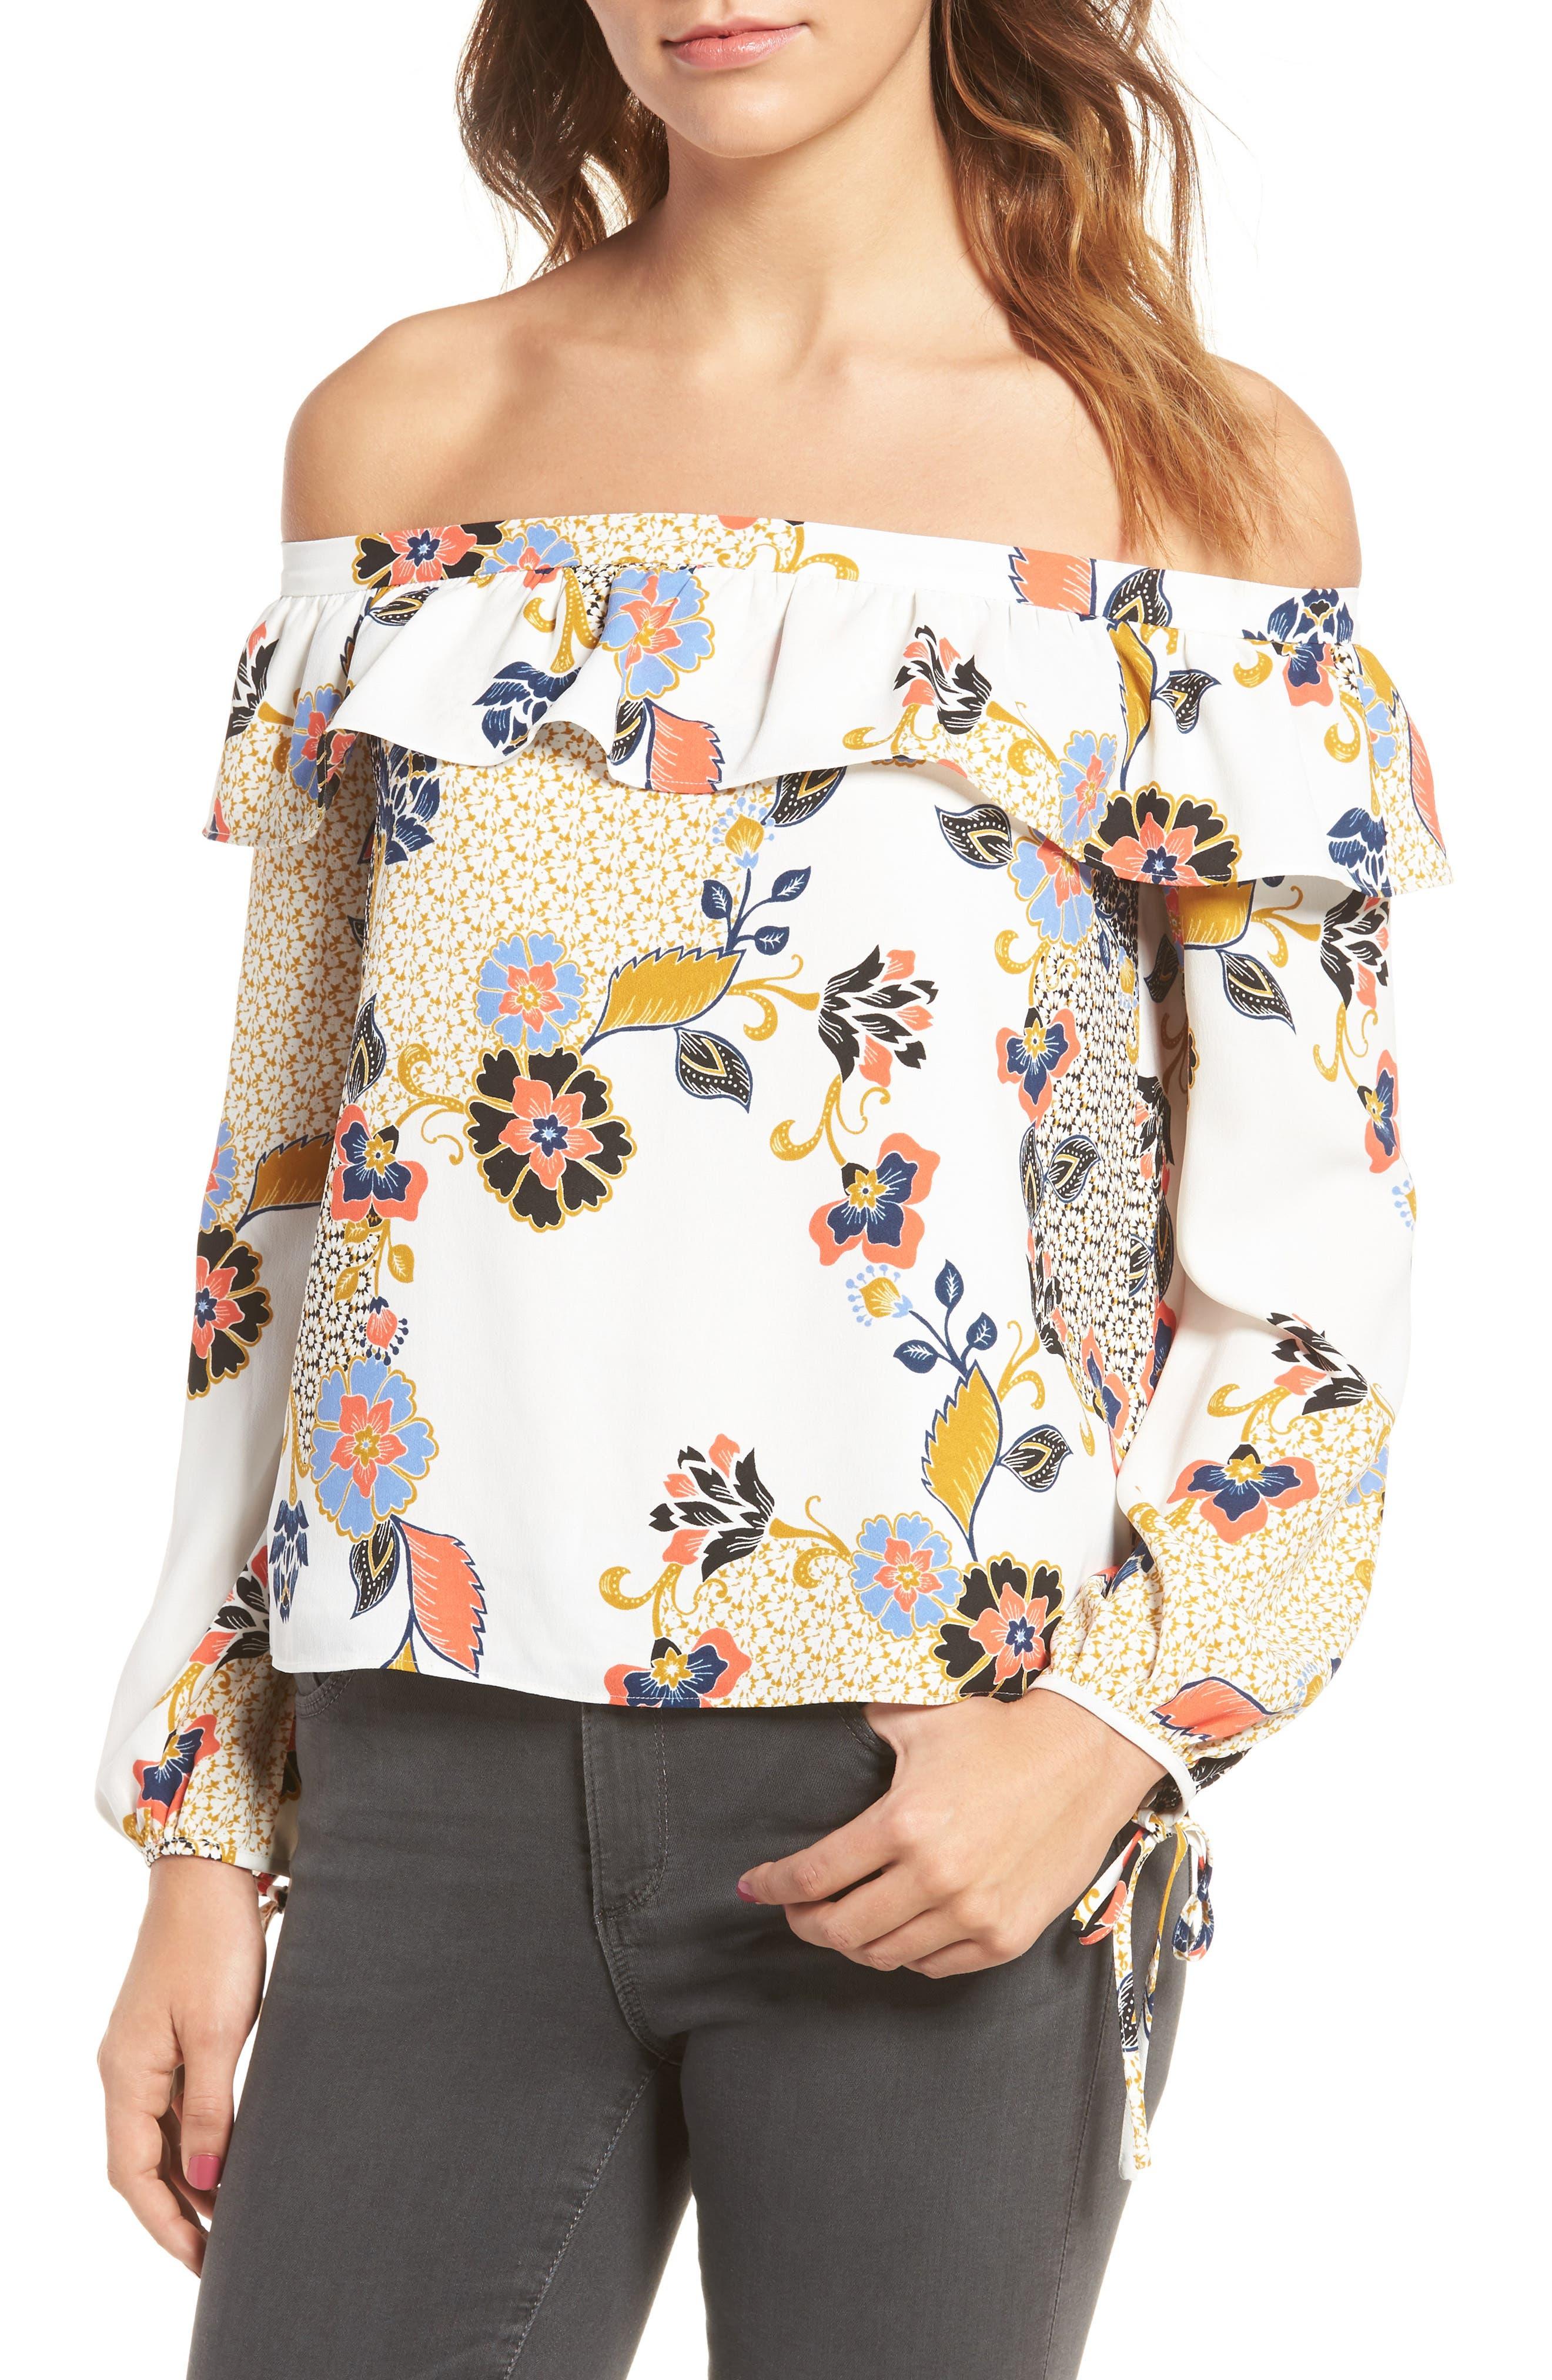 Alternate Image 1 Selected - cooper & ella Leticia Off the Shoulder Blouse